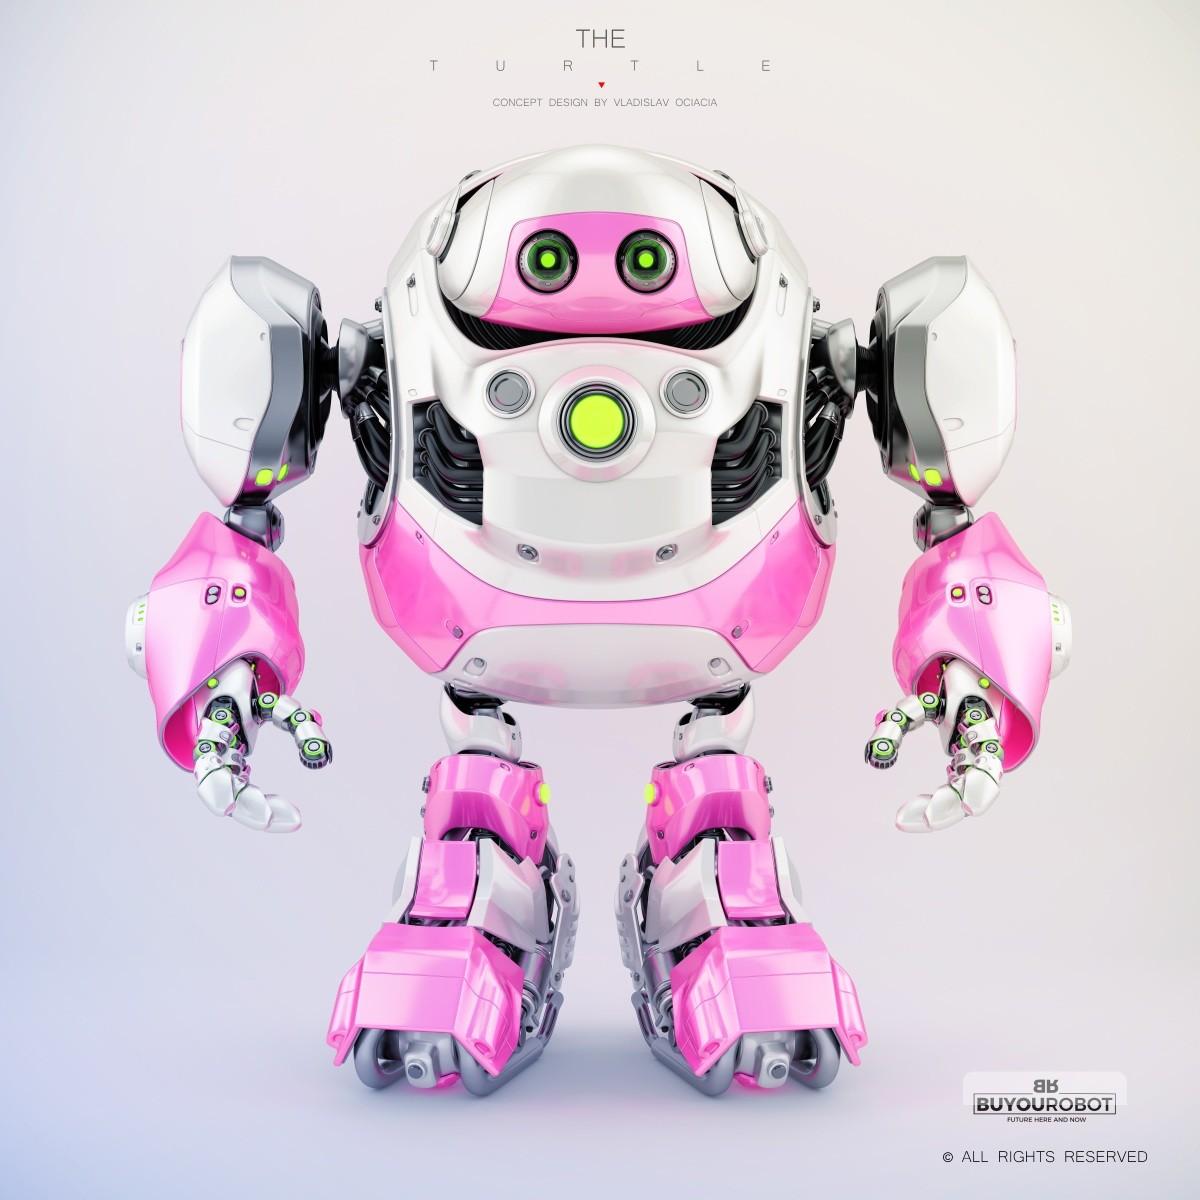 Vladislav ociacia cyber turtle robot 11